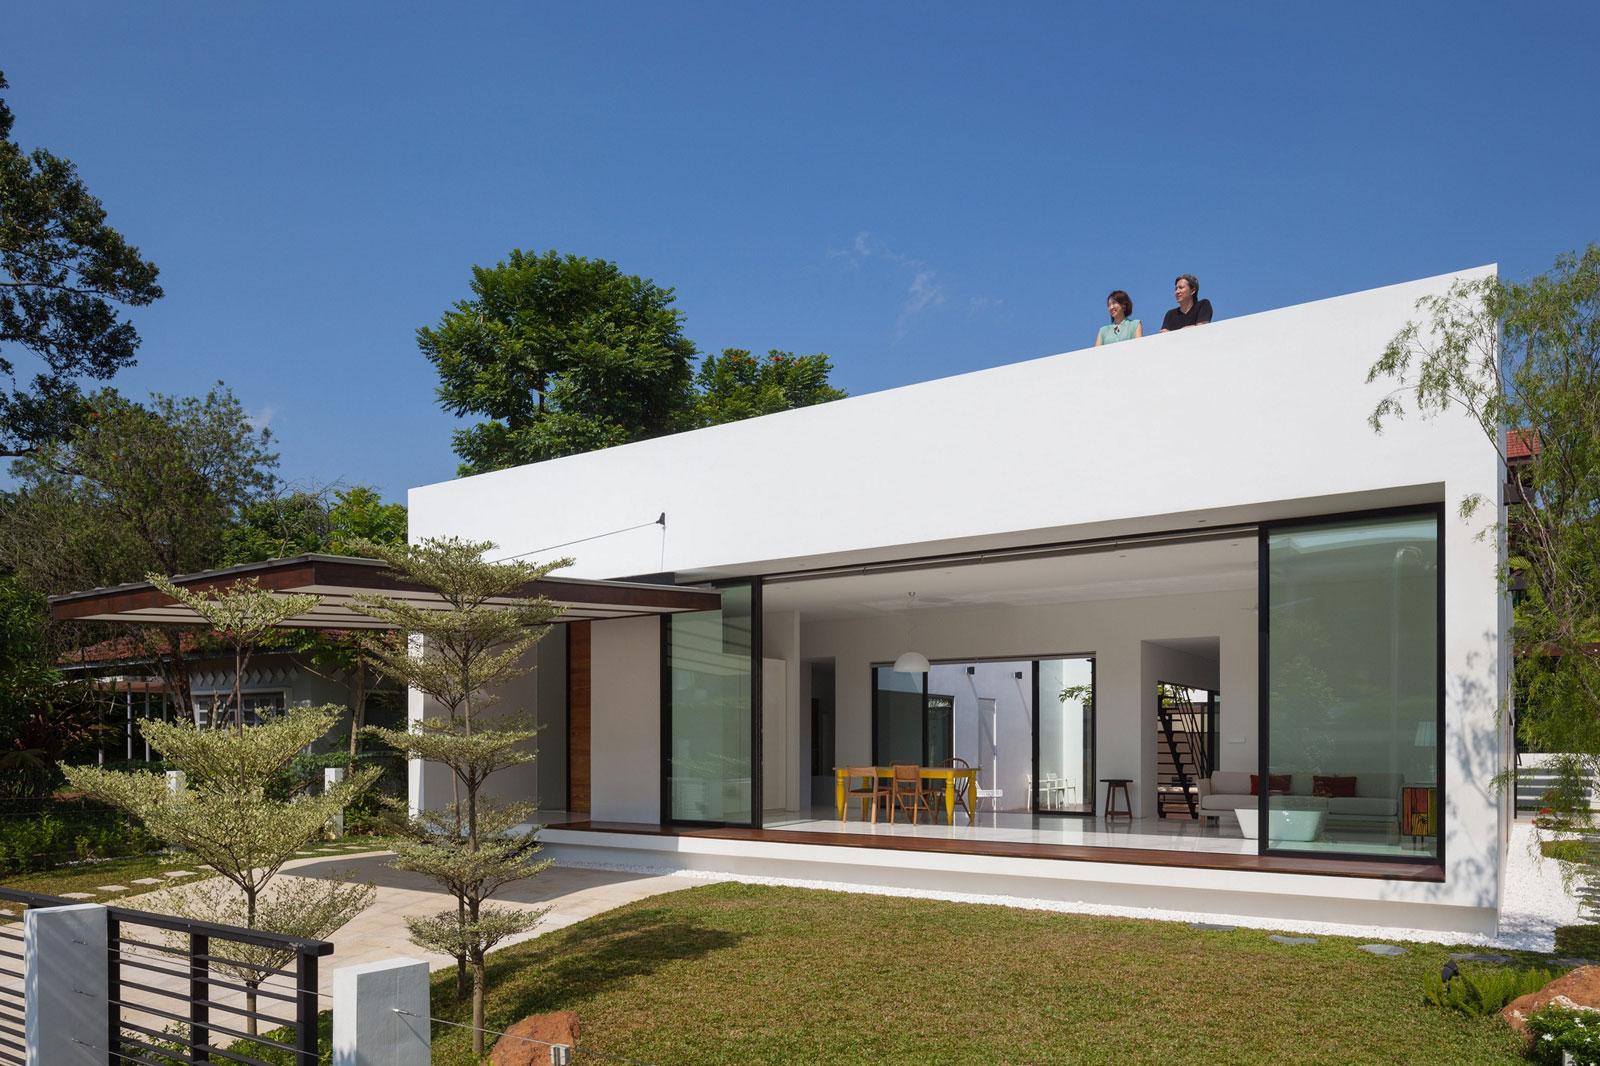 35 modelos de casas para construir for Casa moderna baratas